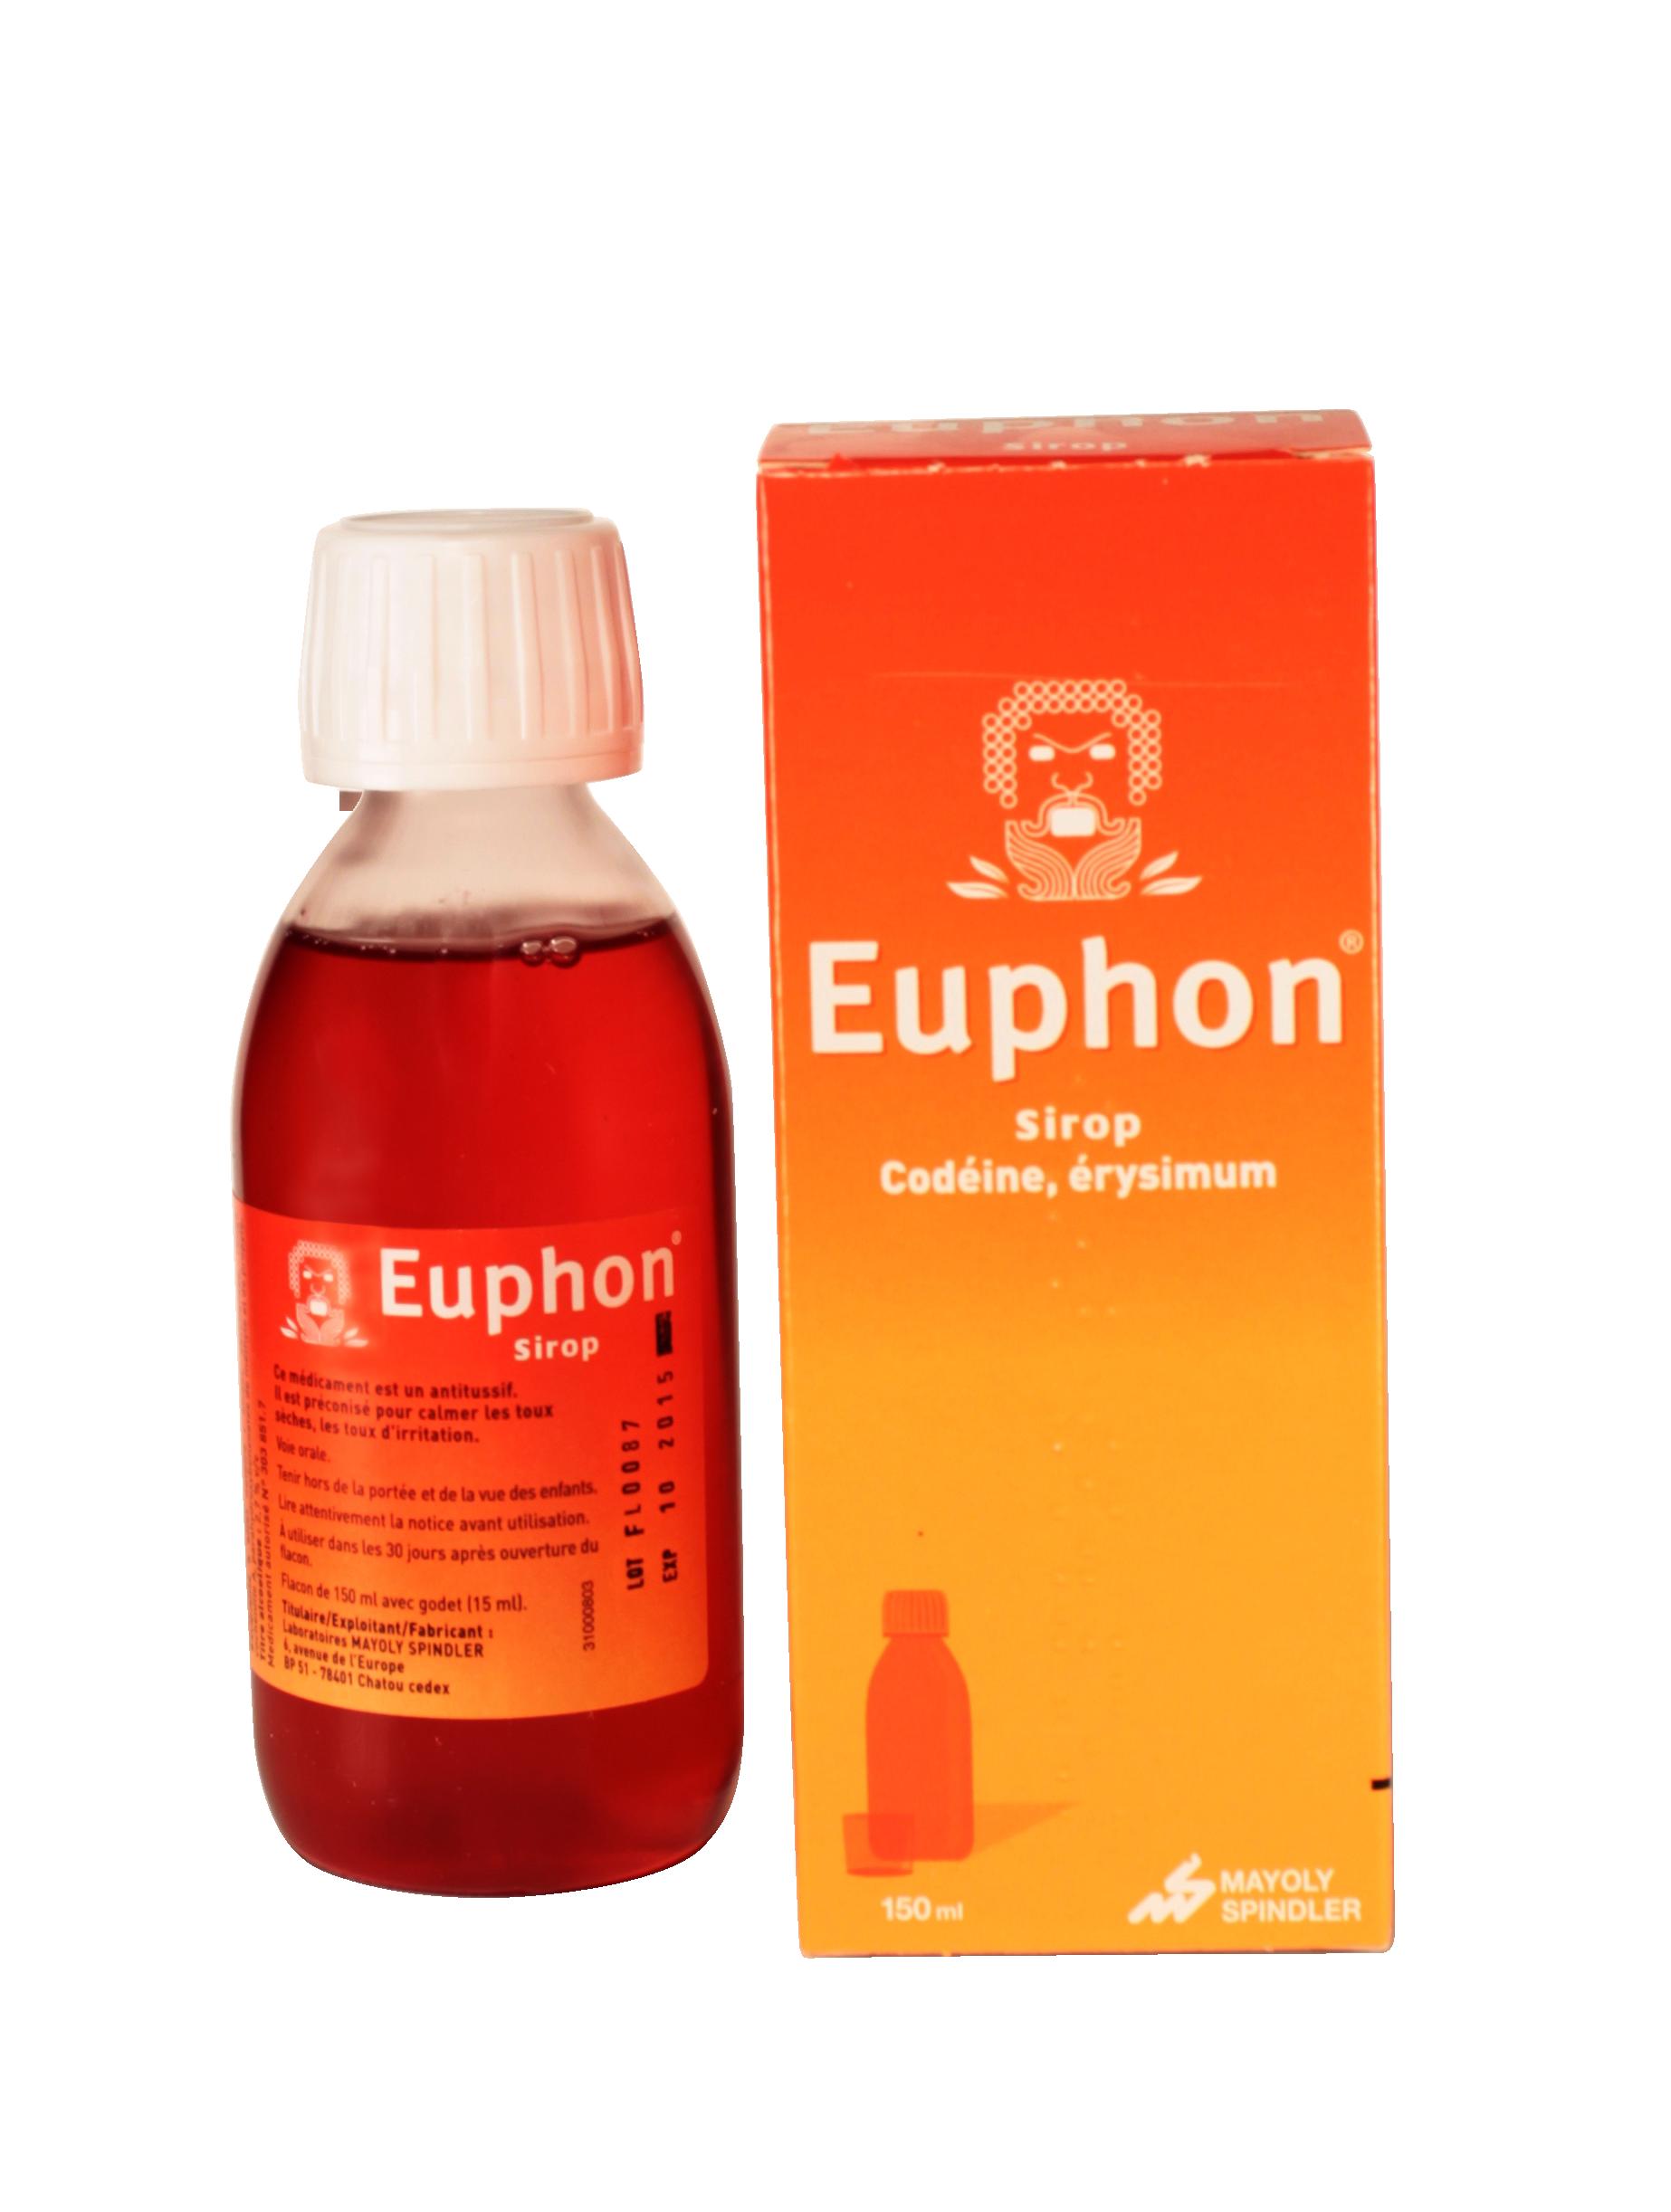 Euphon Sirop - Médicament Maux de gorge - Pharmacie en